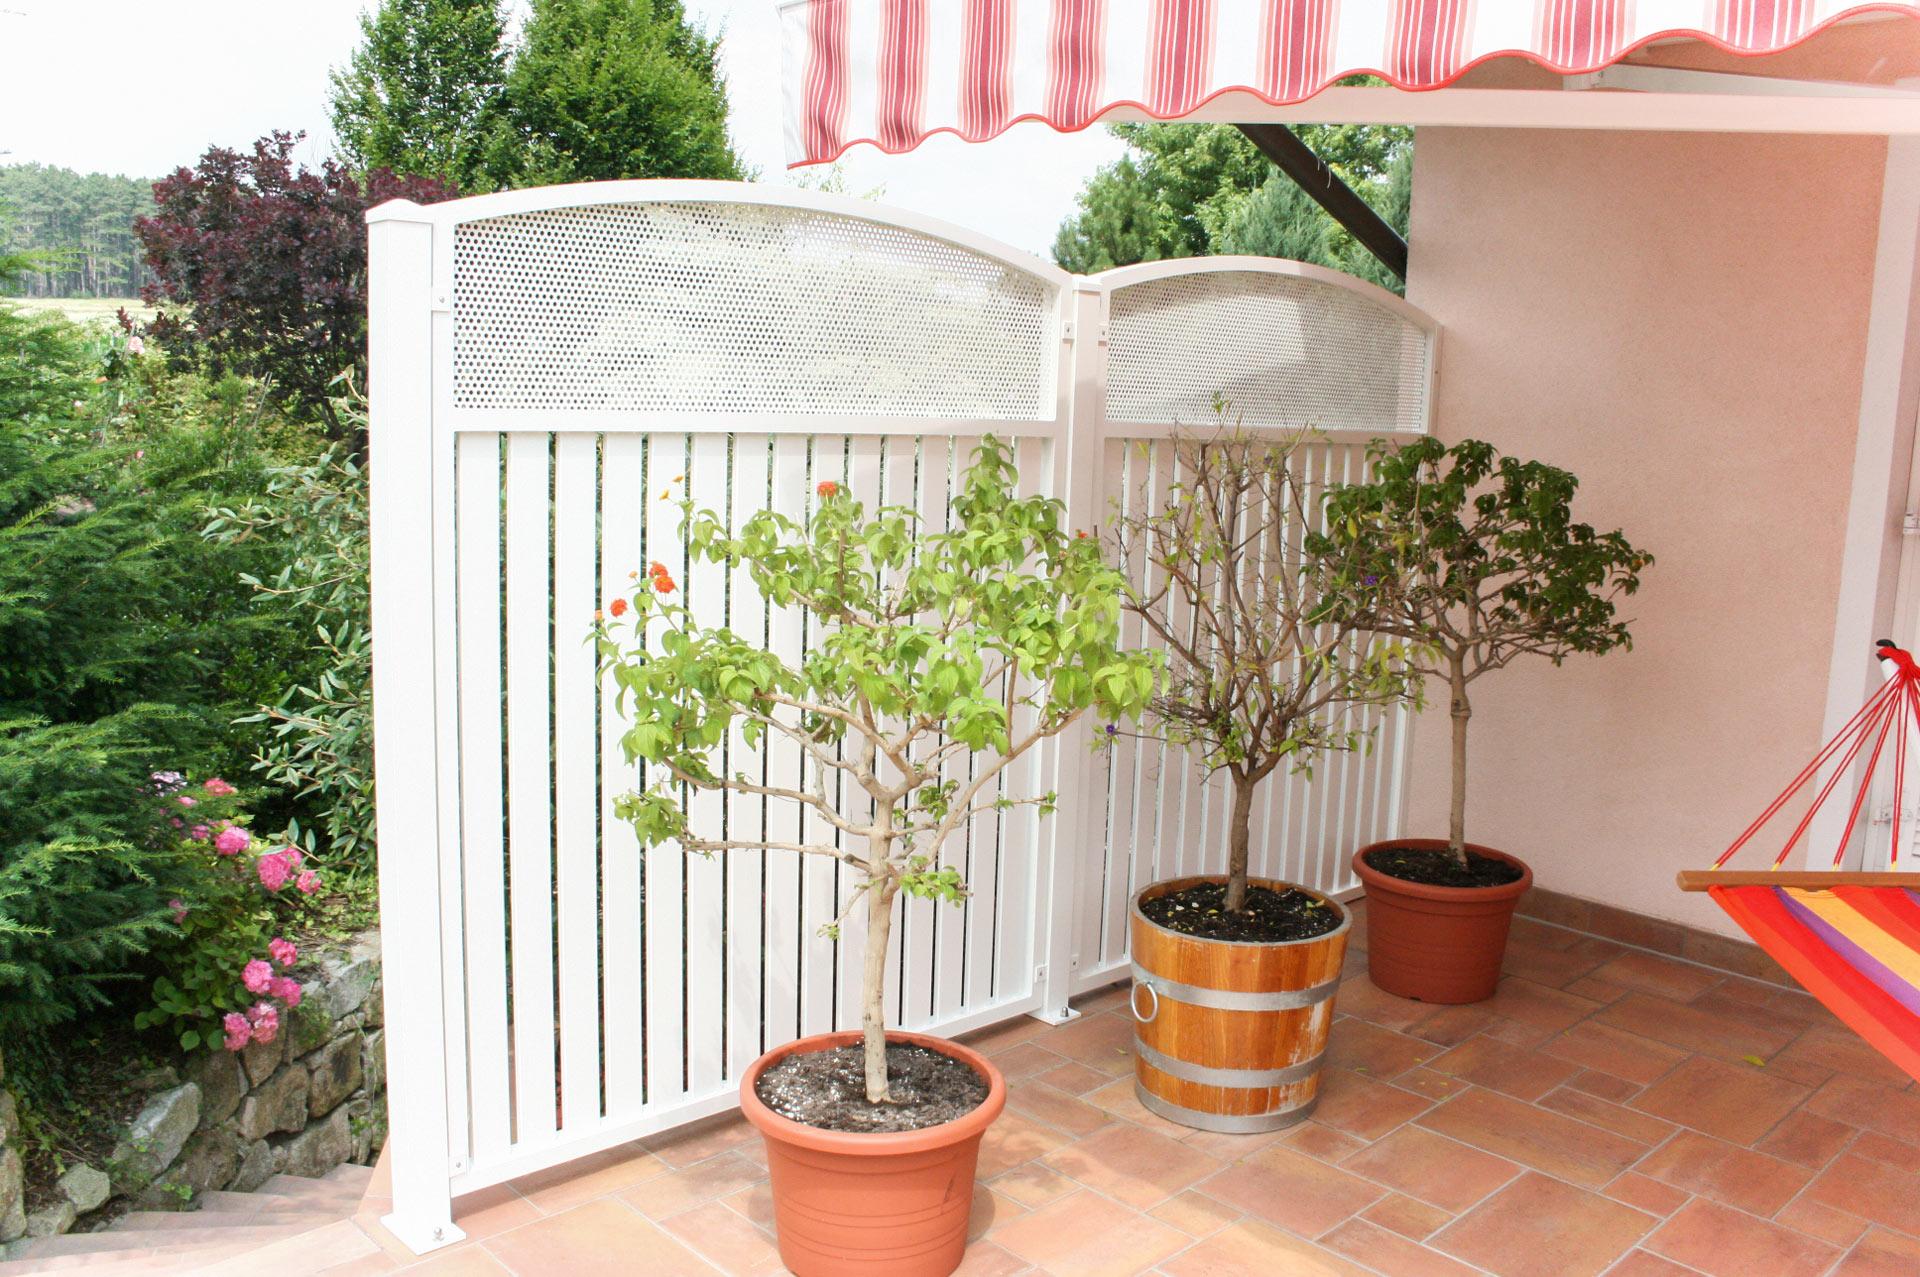 Sichtschutz 09 b | Aluminiumlattung vertikal mit Lochblech weiß bei Terrasse | Svoboda Metalltechnik